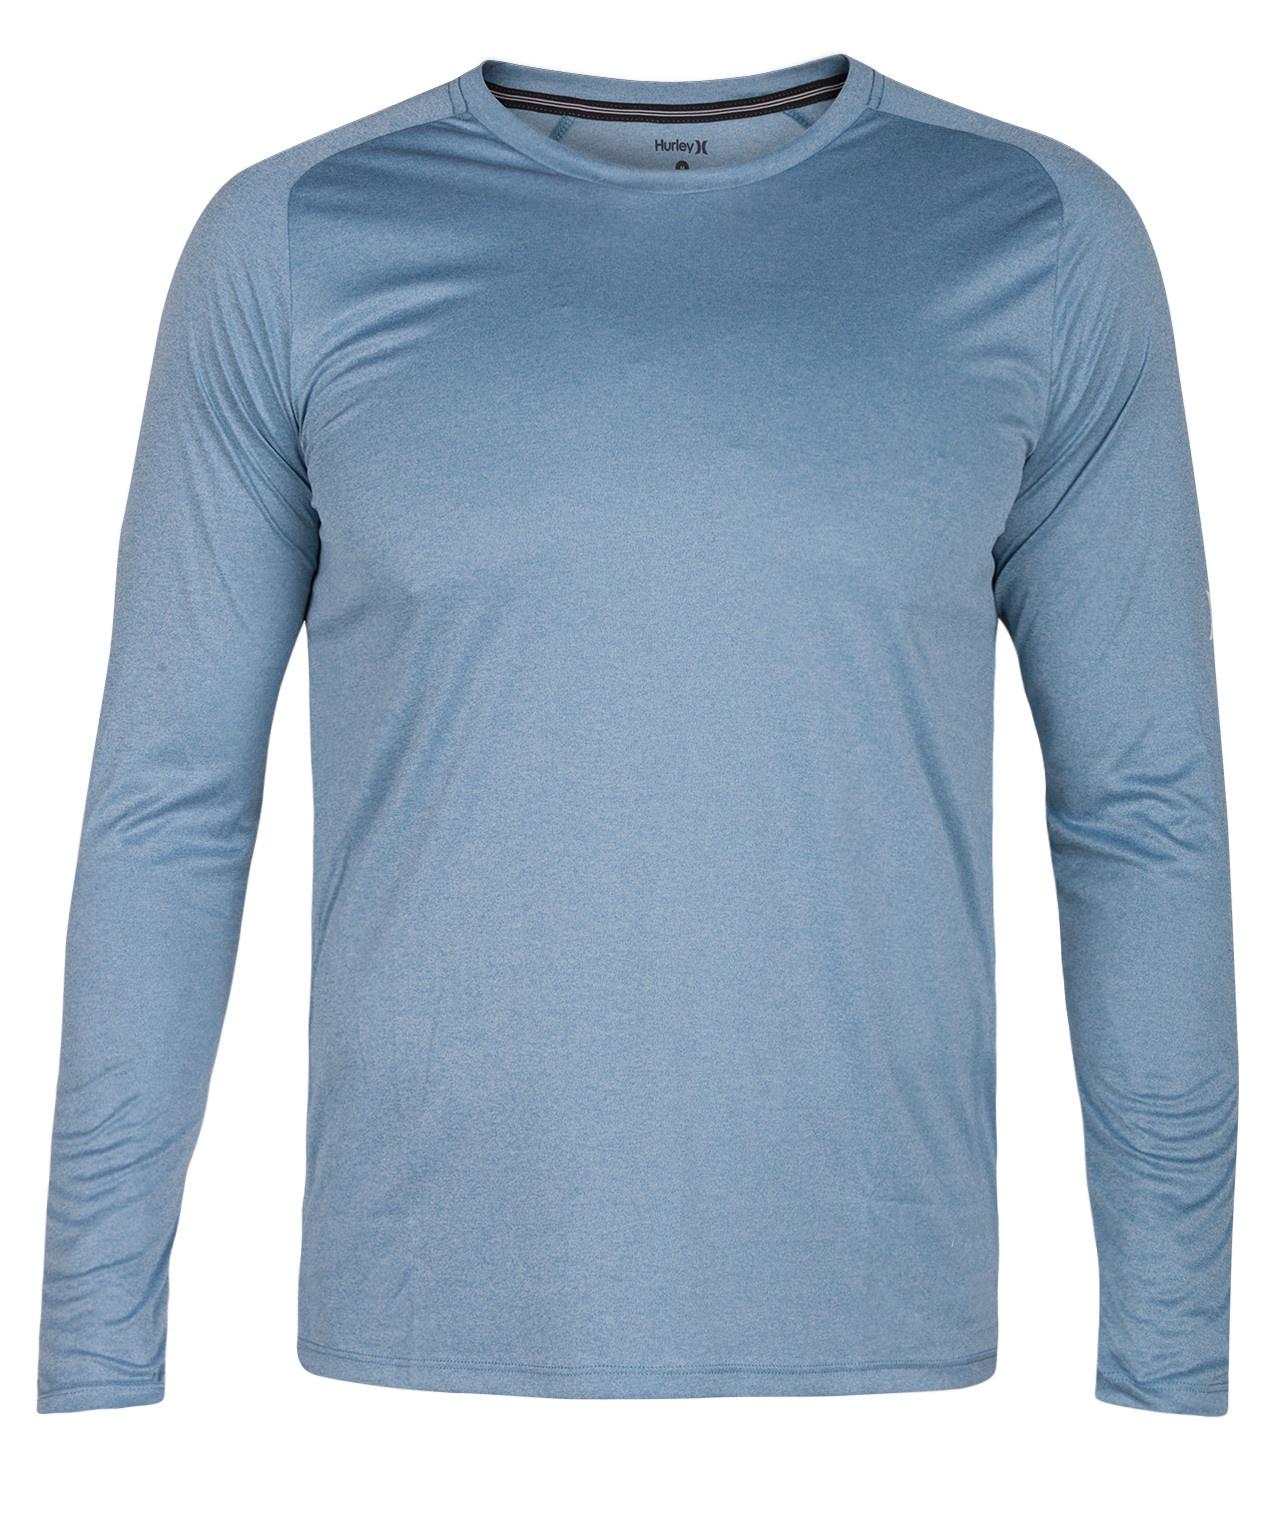 Гидрокостюм HURLEY HURLEY-928186, черный лонгслив мужской adidas prism ls tee m цвет голубой dq1899 размер m 48 50